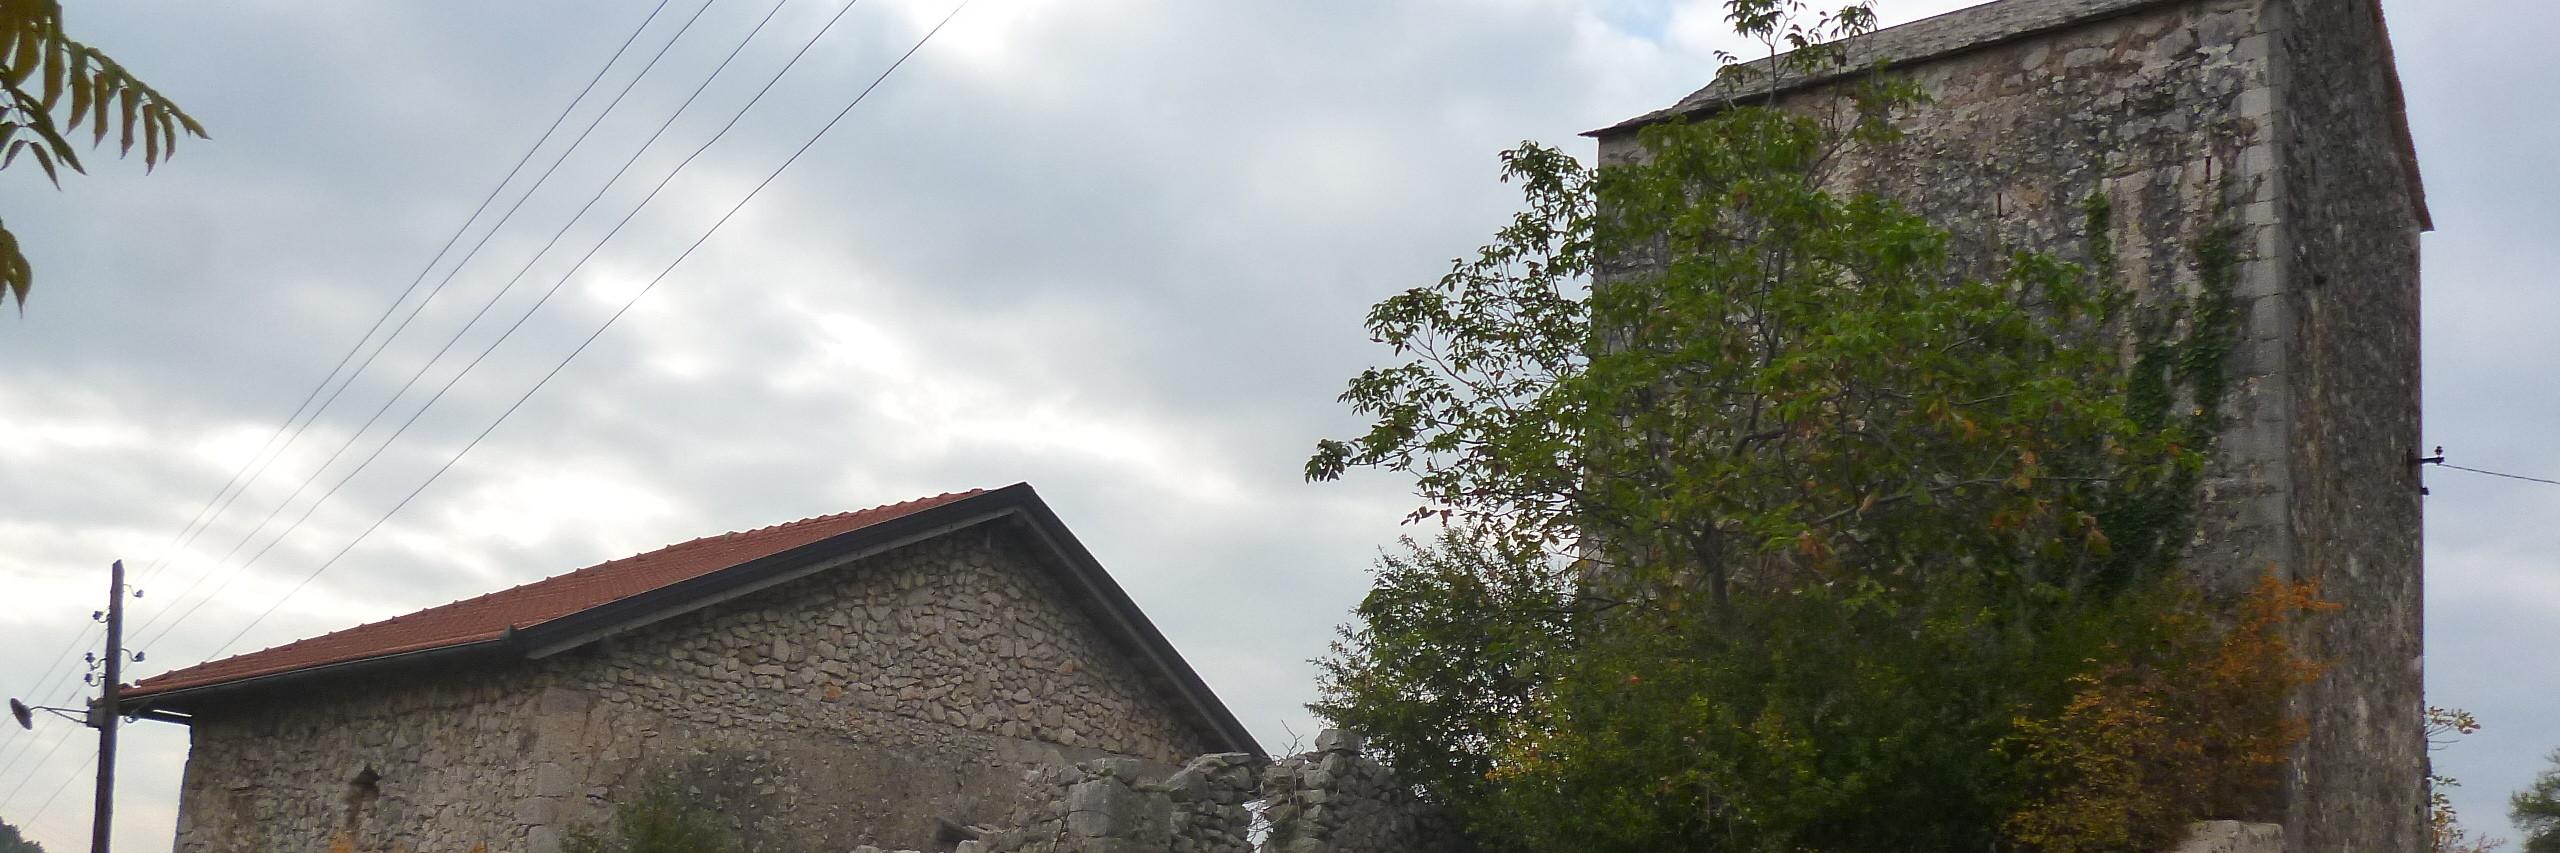 Башня Лалича. Фото: Елена Арсениевич, CC BY-SA 3.0